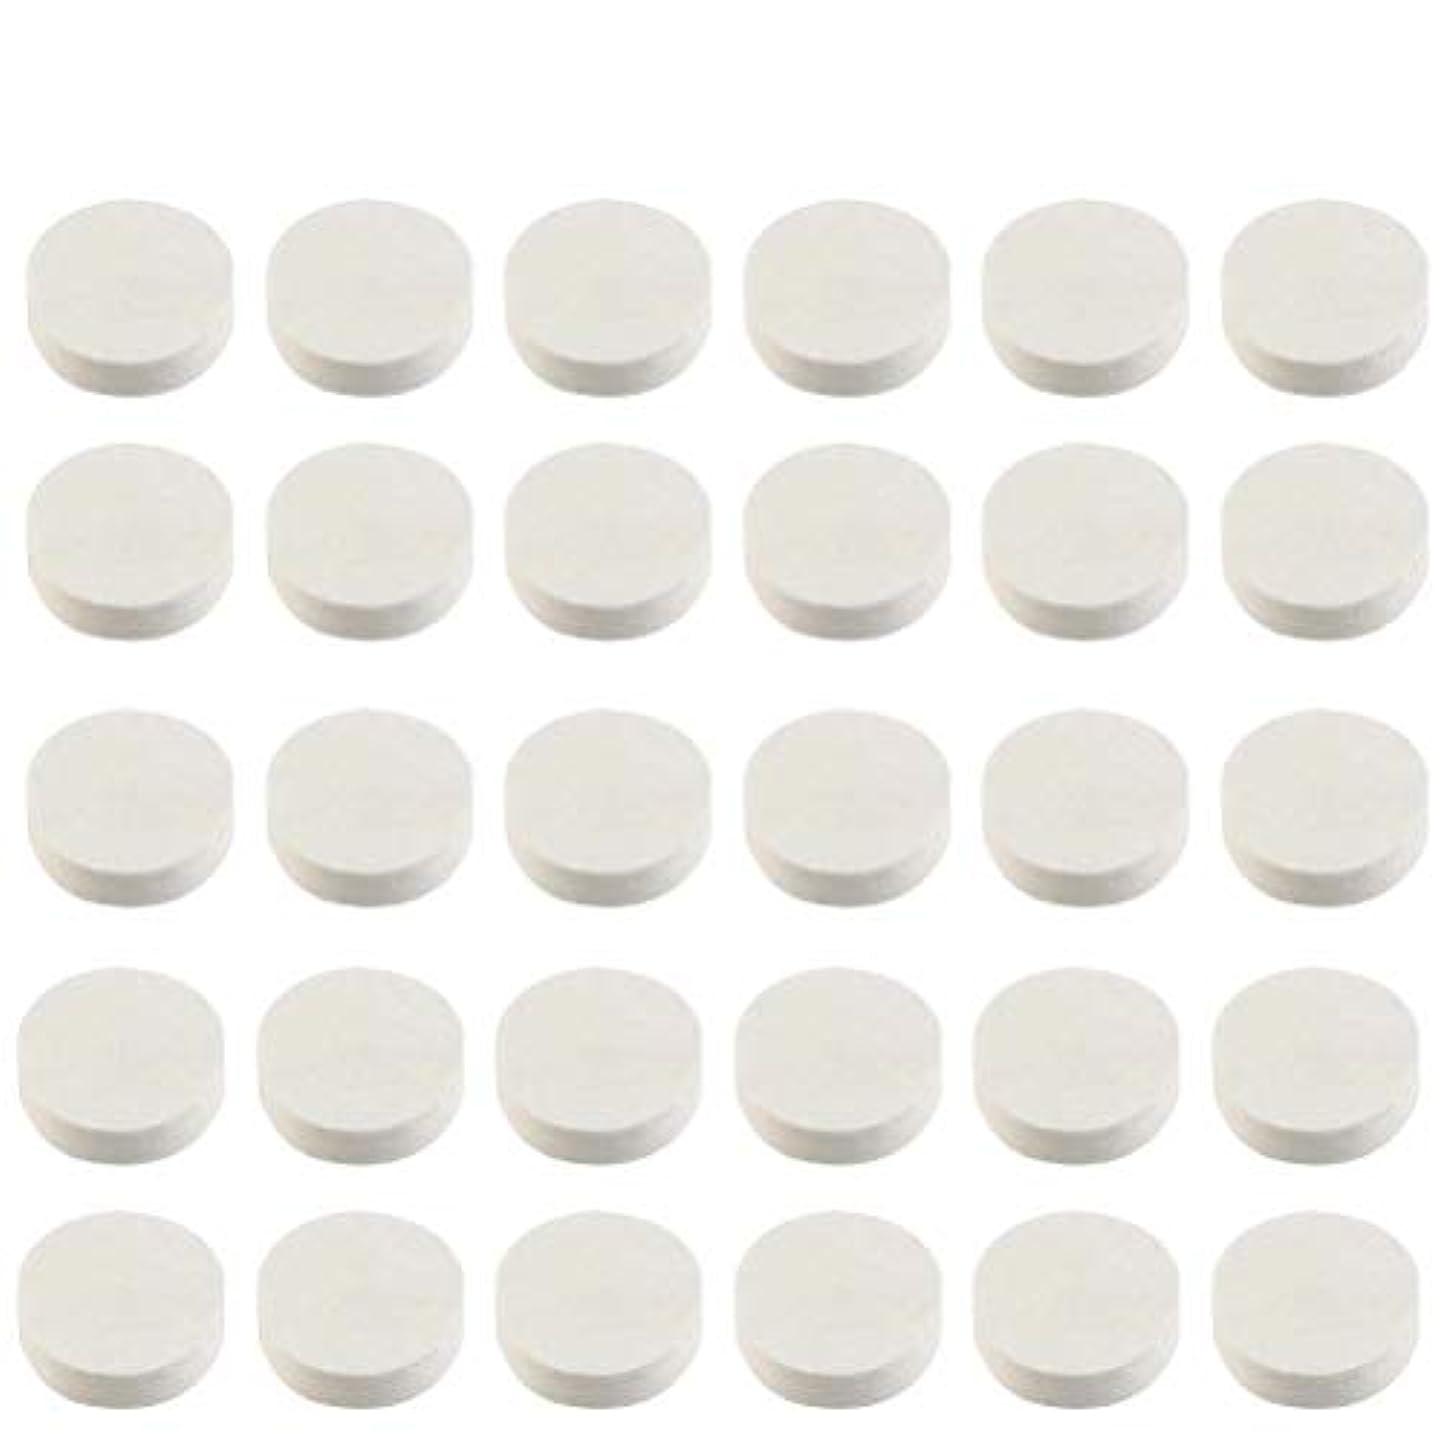 あえぎ定期的アミューズWINOMO 圧縮マスク 圧縮フェイスパック 圧縮マスクシート スキンケア DIY美容マスク ランダムカラー 30枚入り 携帯便利 使い捨て